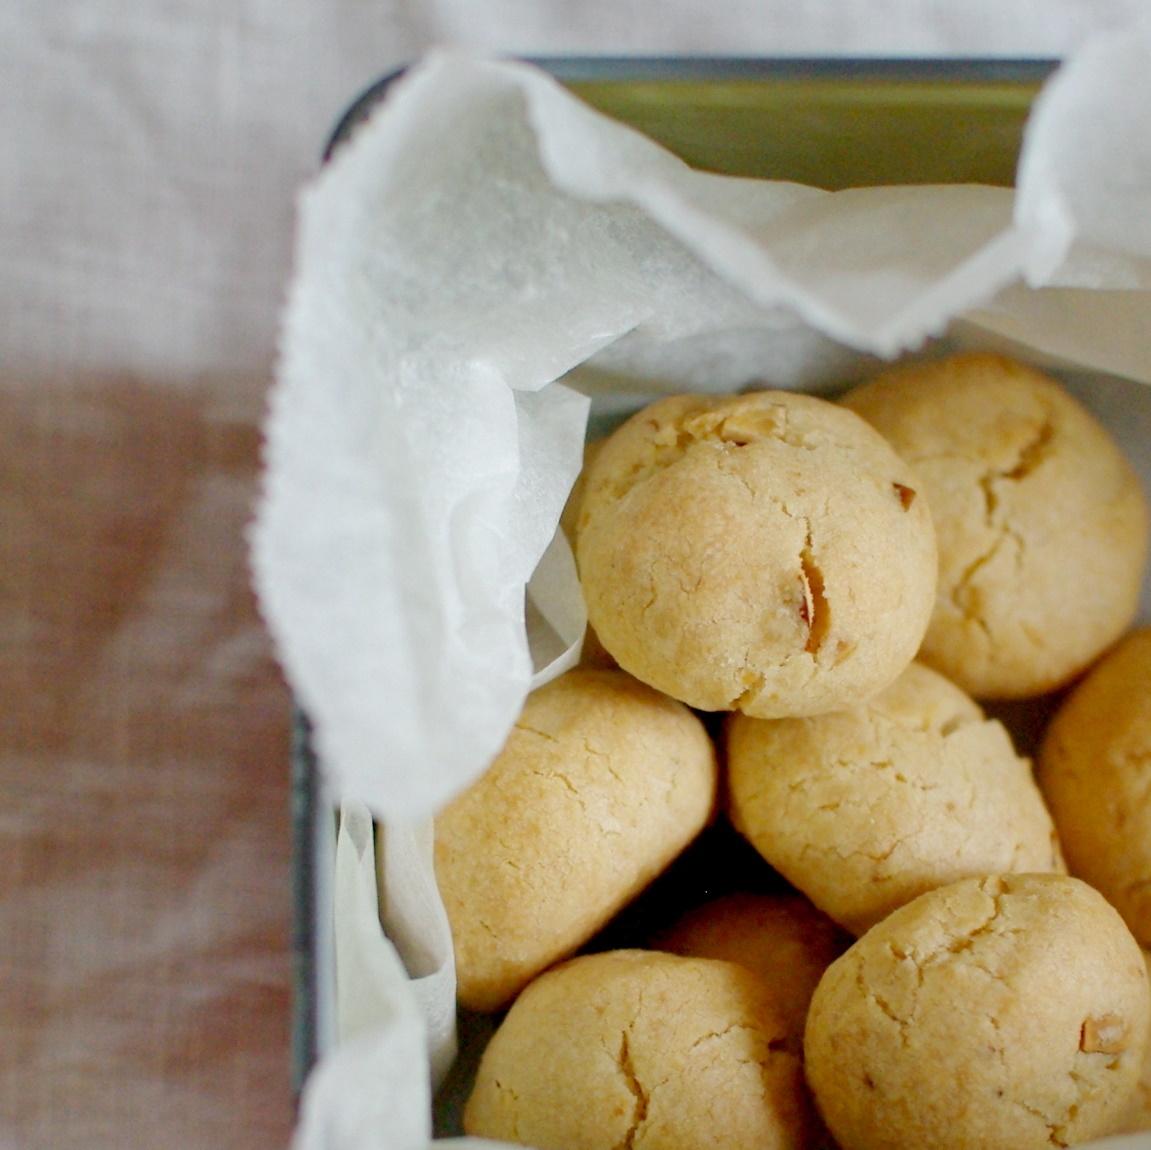 コロコロクッキー(くるみとアーモンド)_c0110869_11510695.jpg